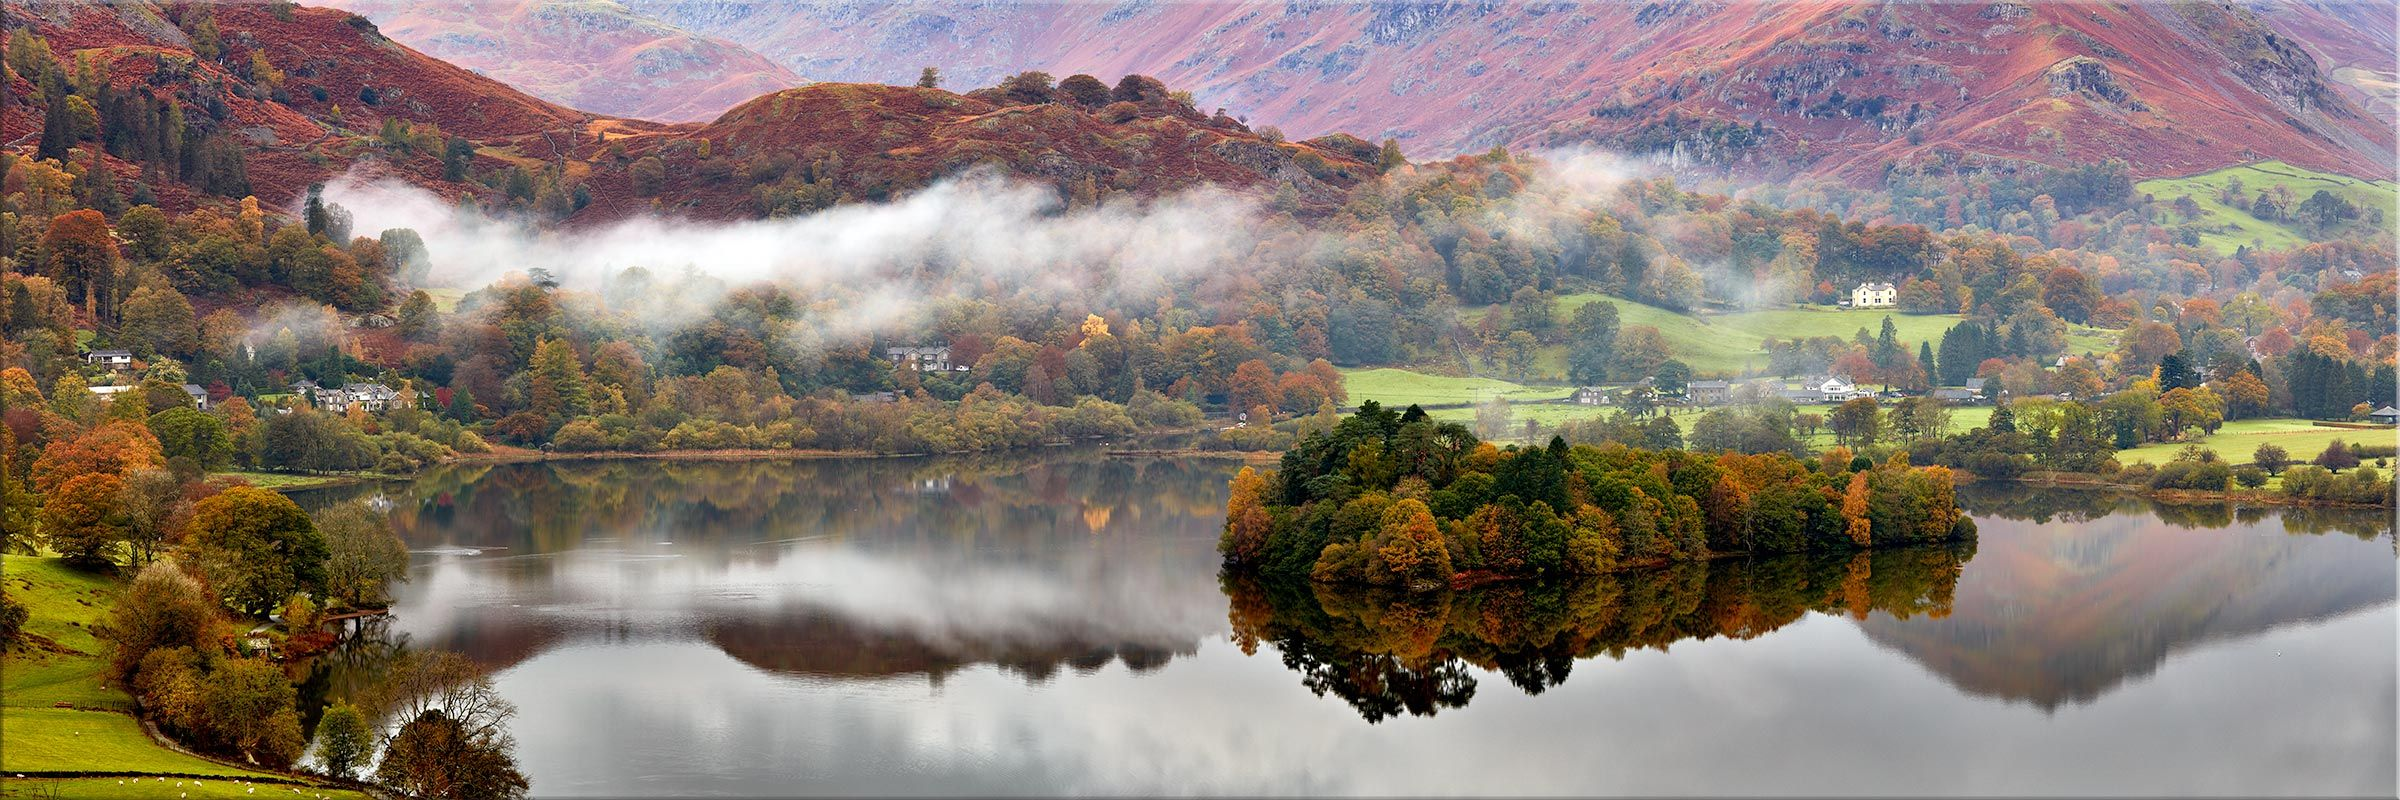 Grasmere Autumn Mists Canvas Print Landscape Photography Canvas Prints Landscape